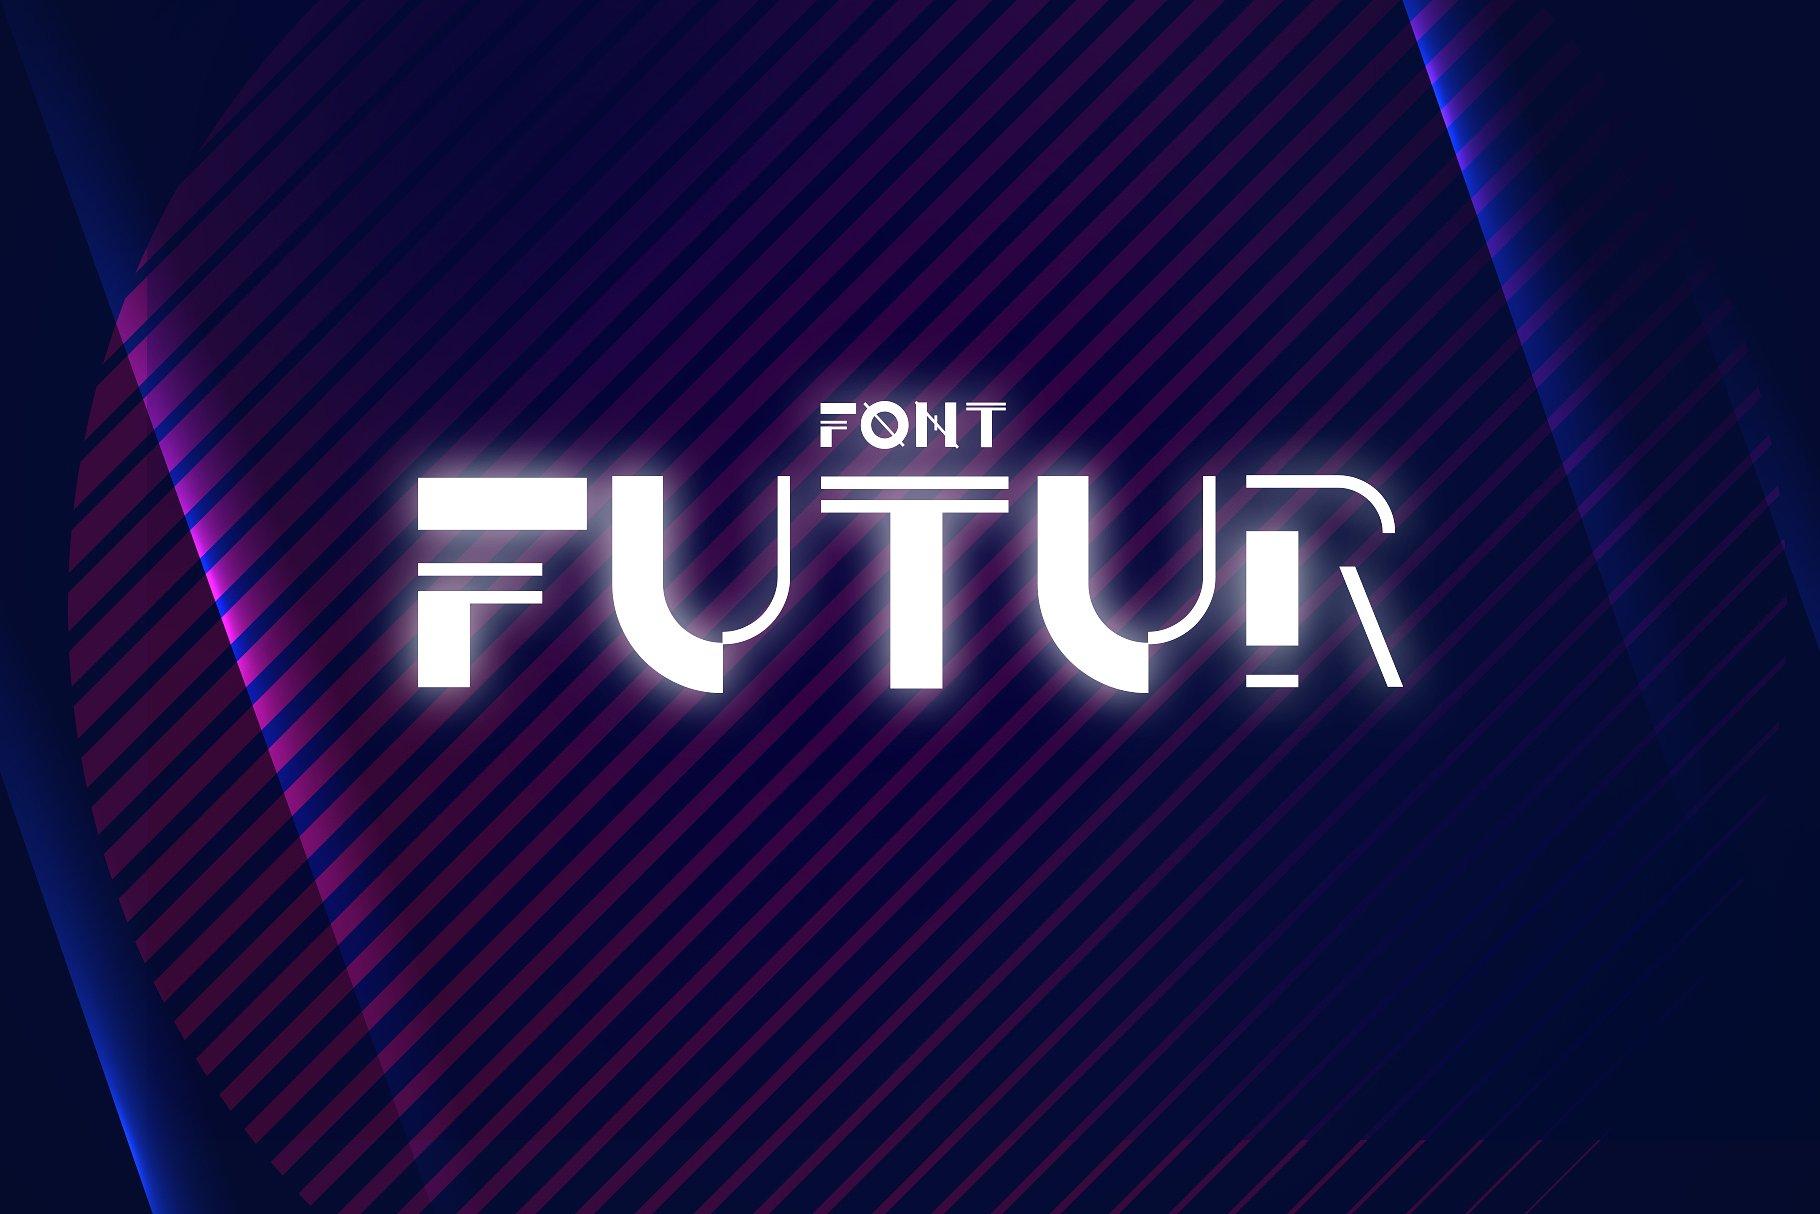 futur个性现代无衬线logo英文字体下载